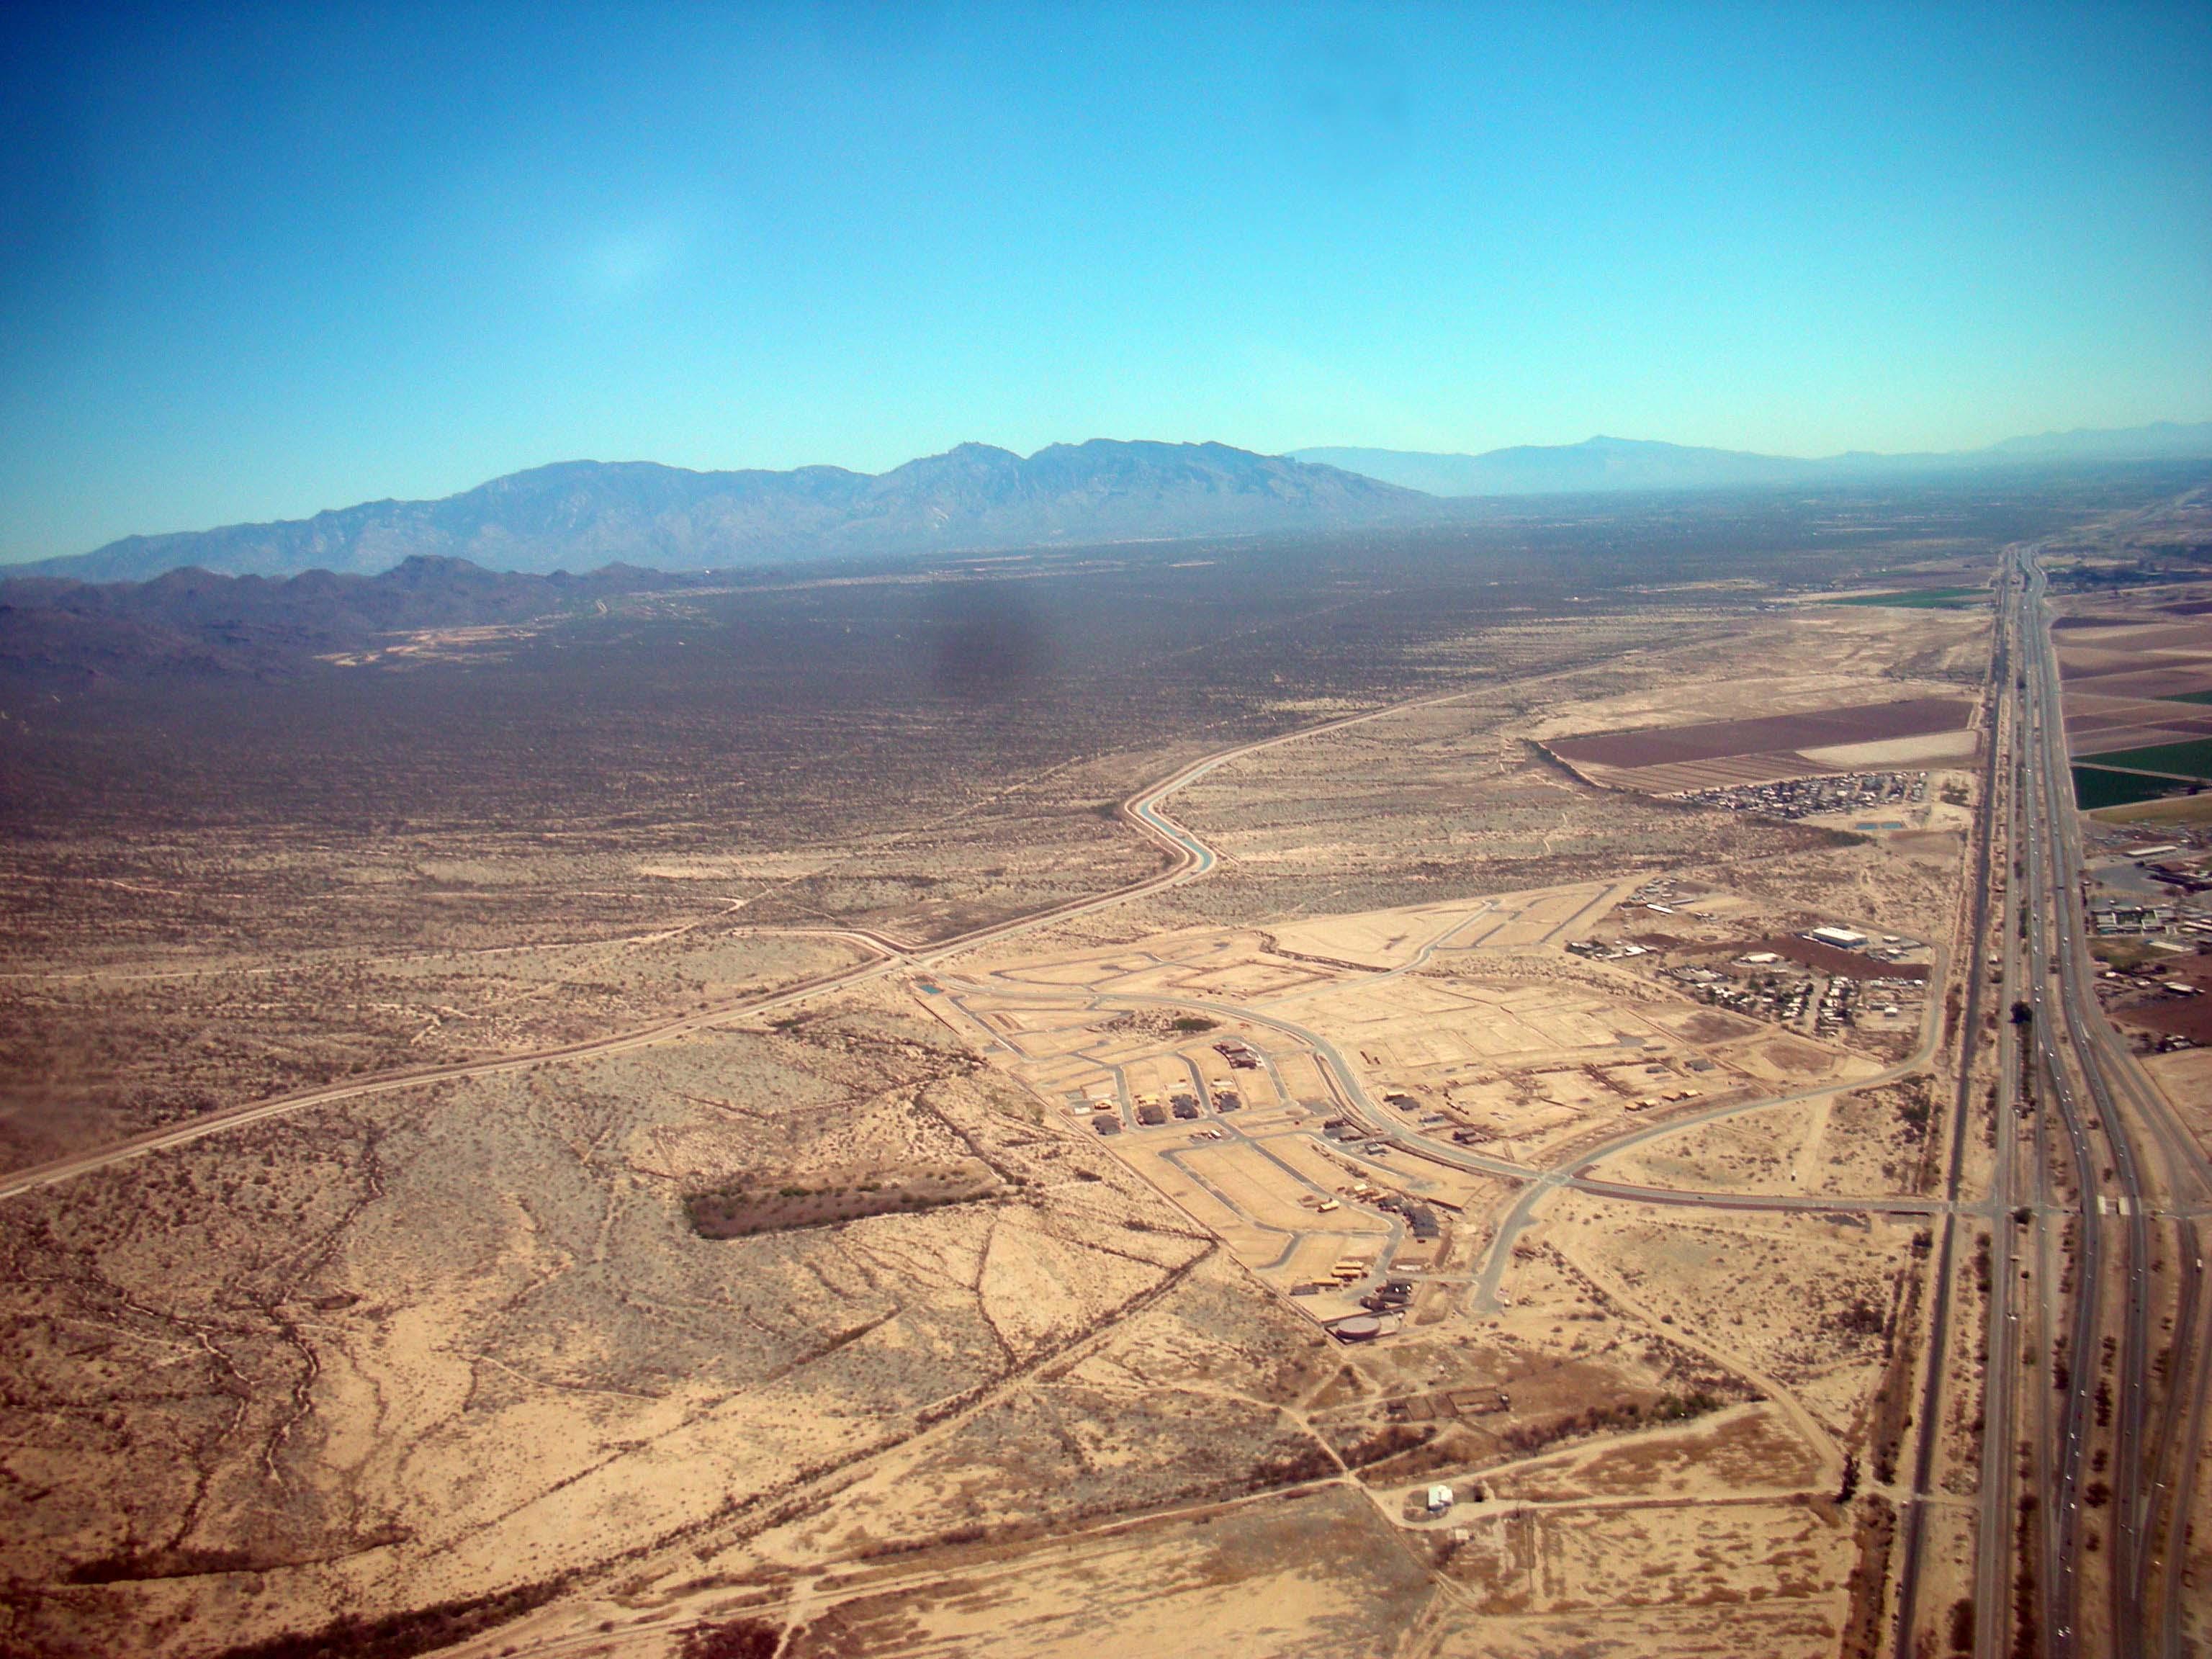 Carretera y desierto photo